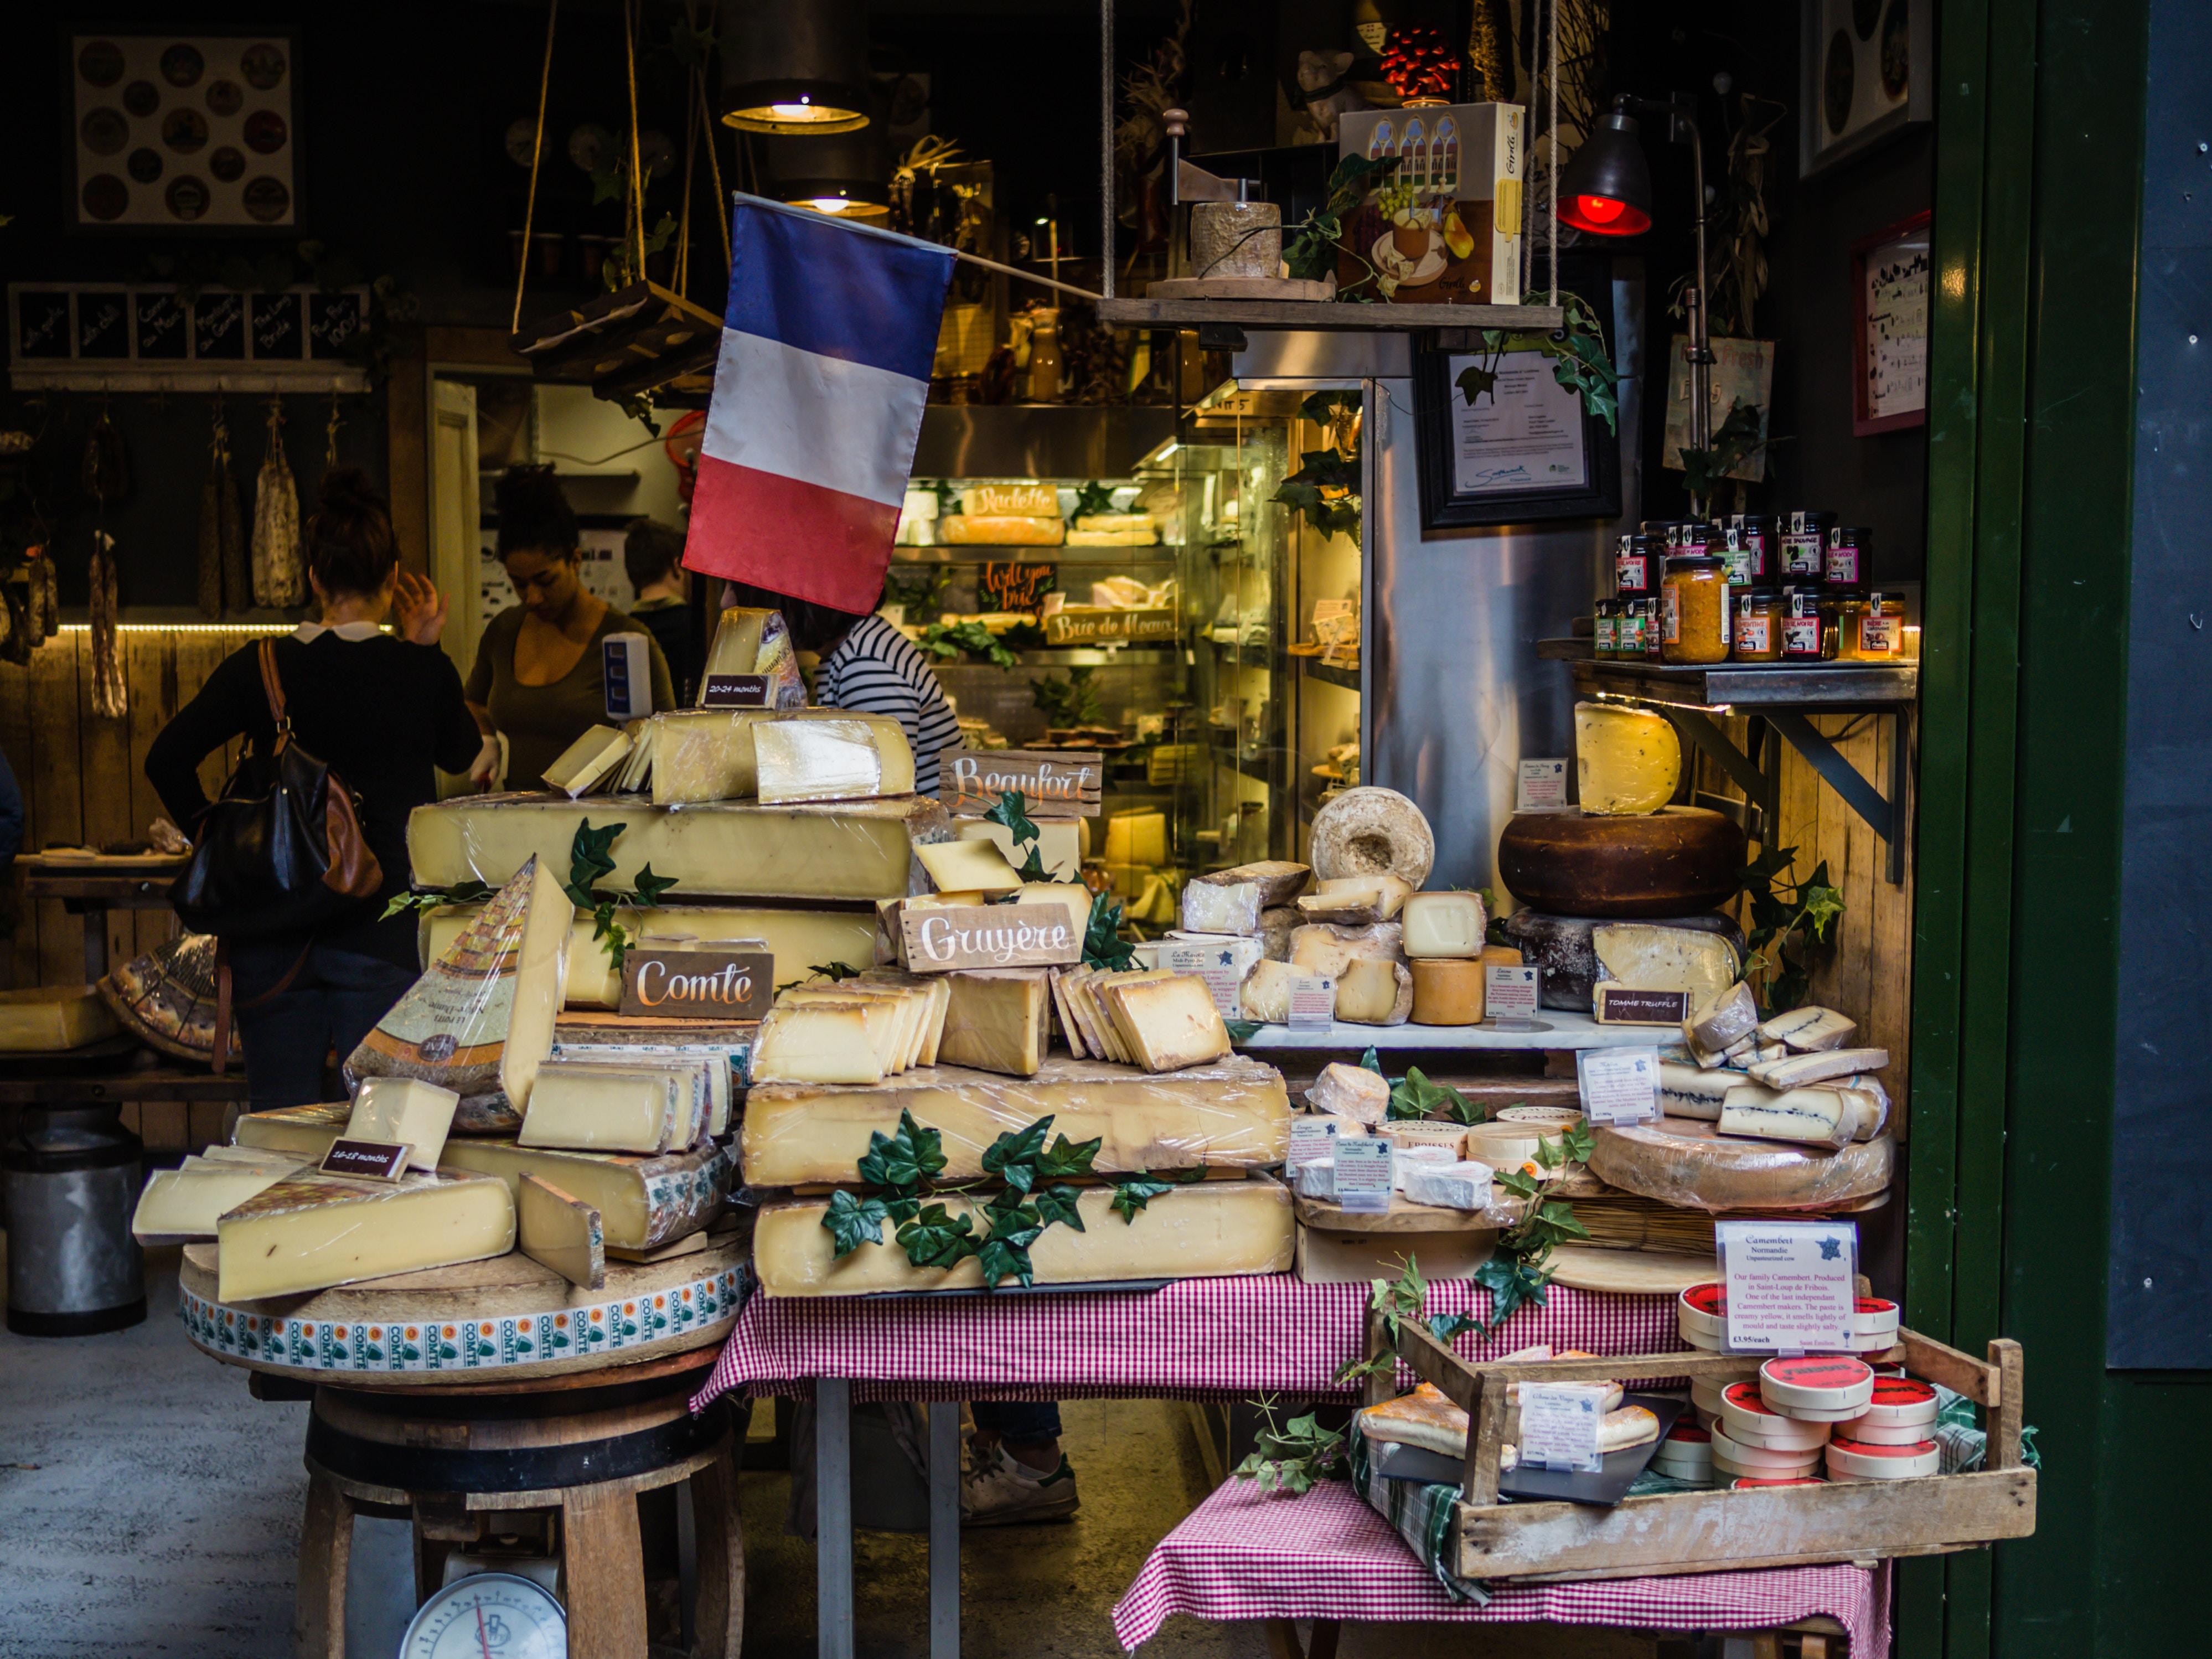 France Top 10 Destinations of 2018